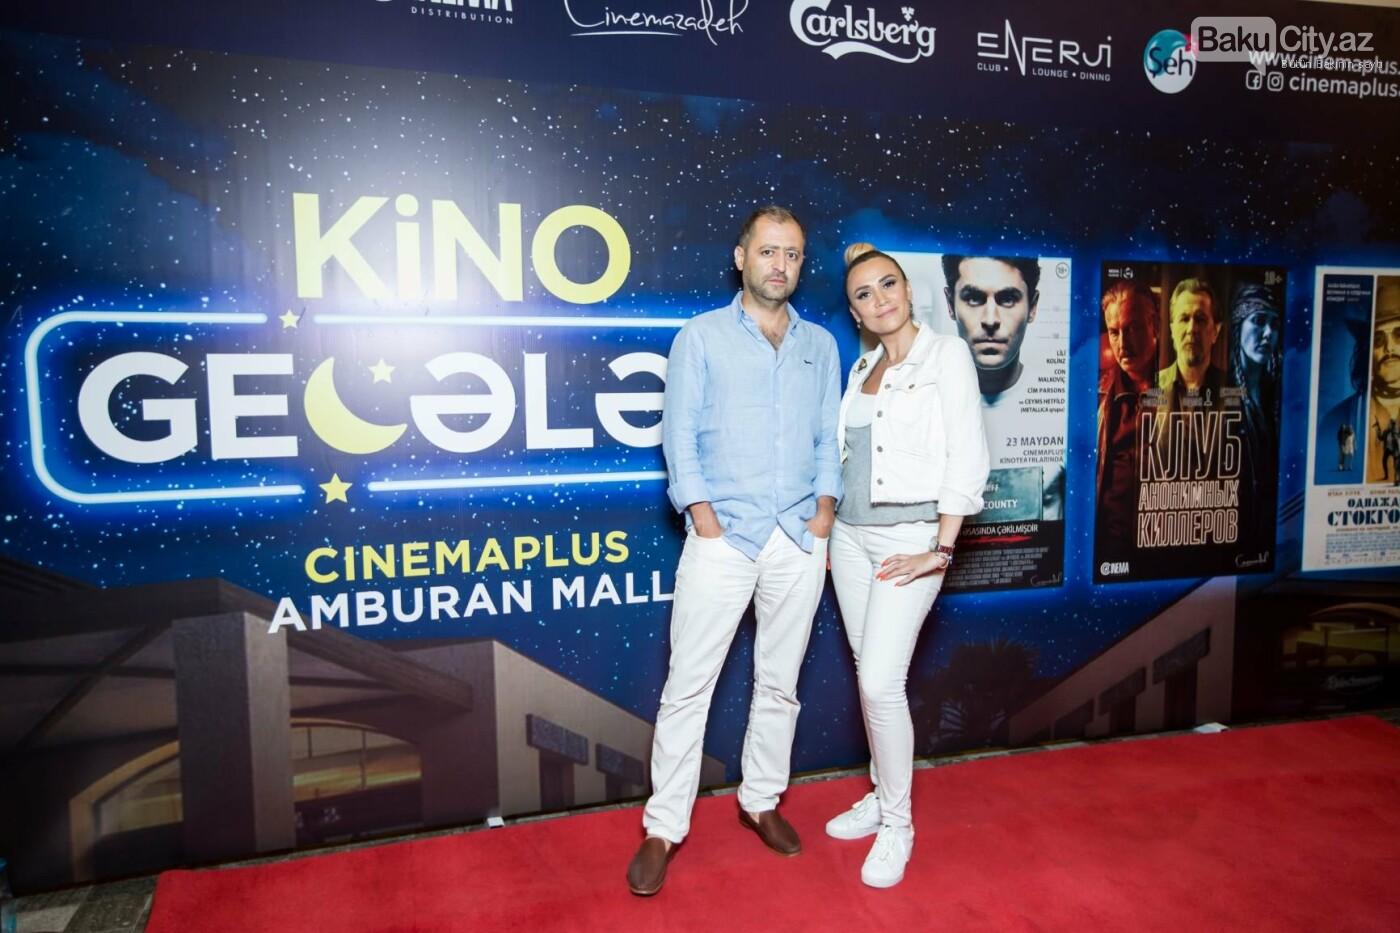 """Bakıda üç filmin nümayişi ilə """"Kino Gecəsi"""" keçirildi - FOTO, fotoşəkil-25"""